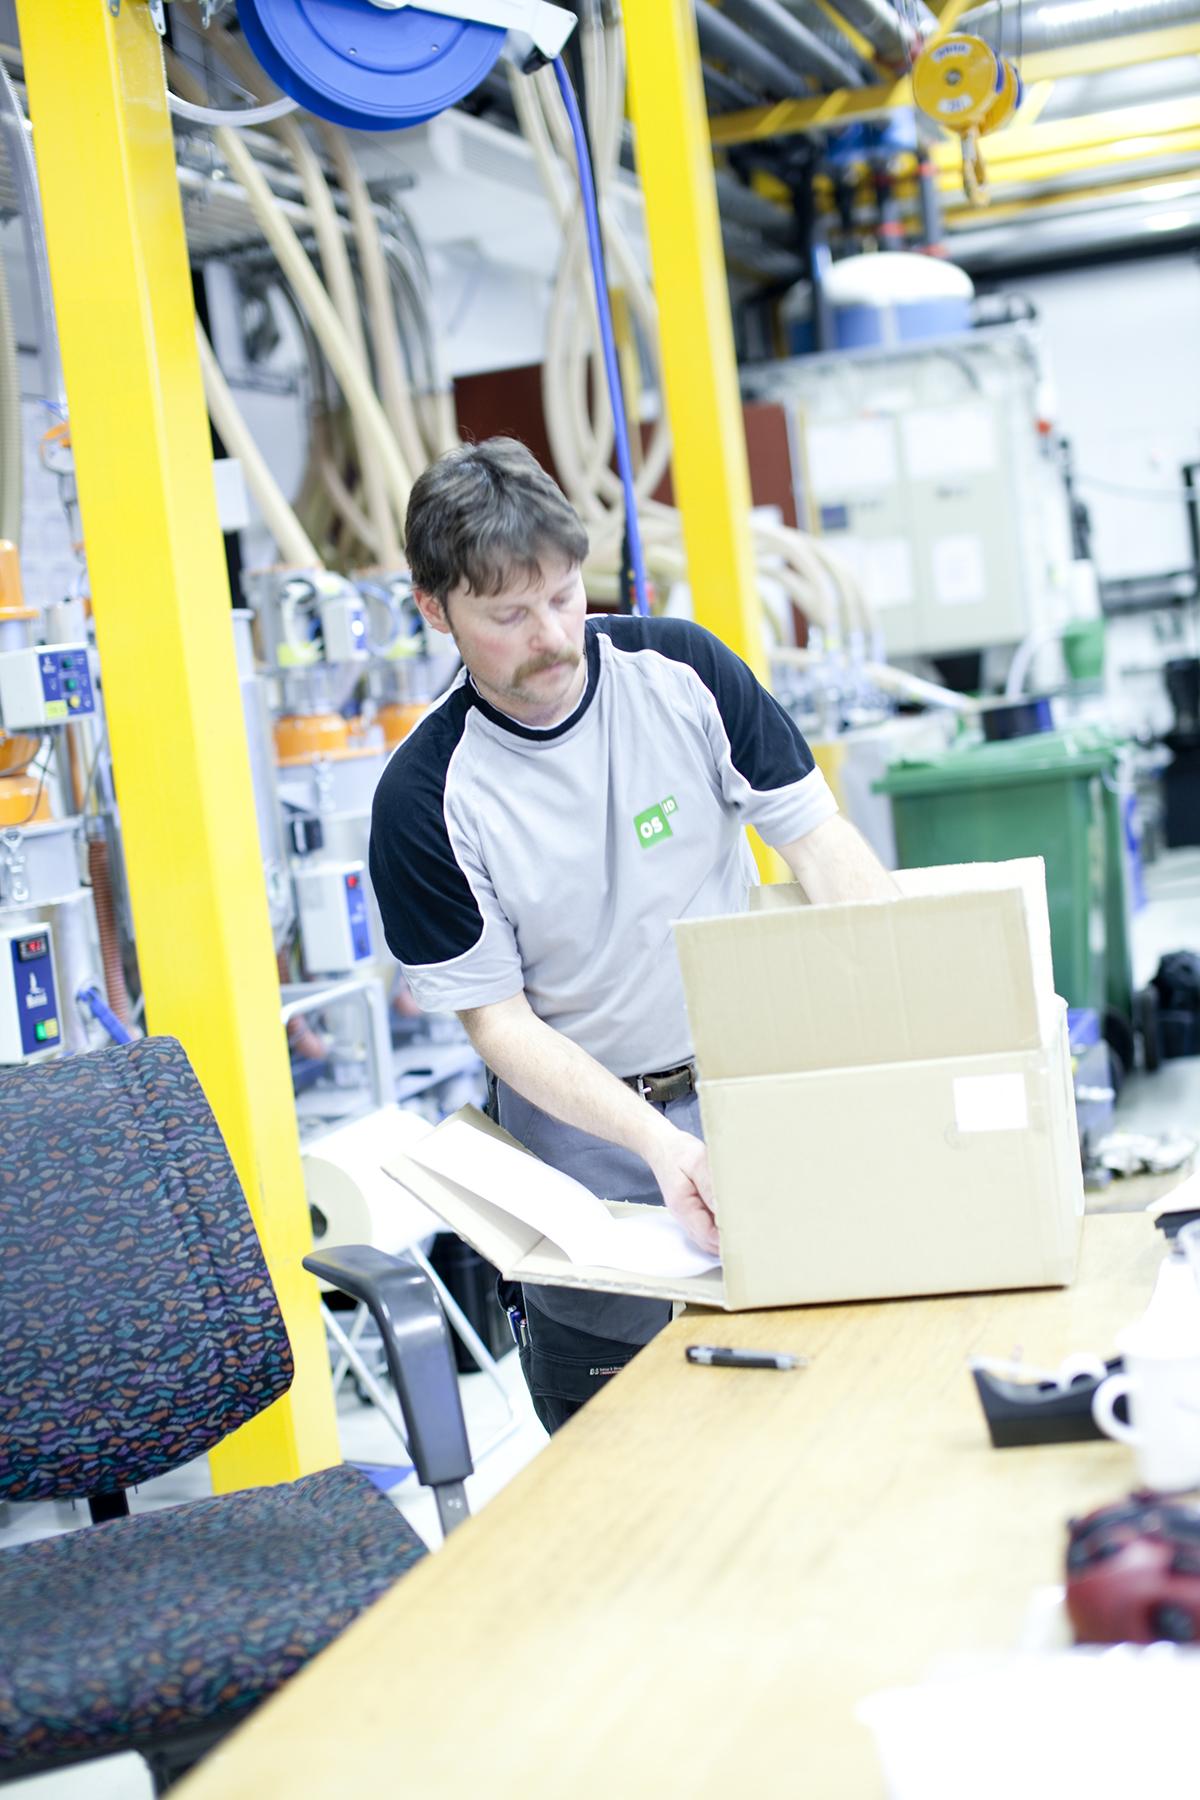 Foto: Ledig stilling produksjonsoperatør